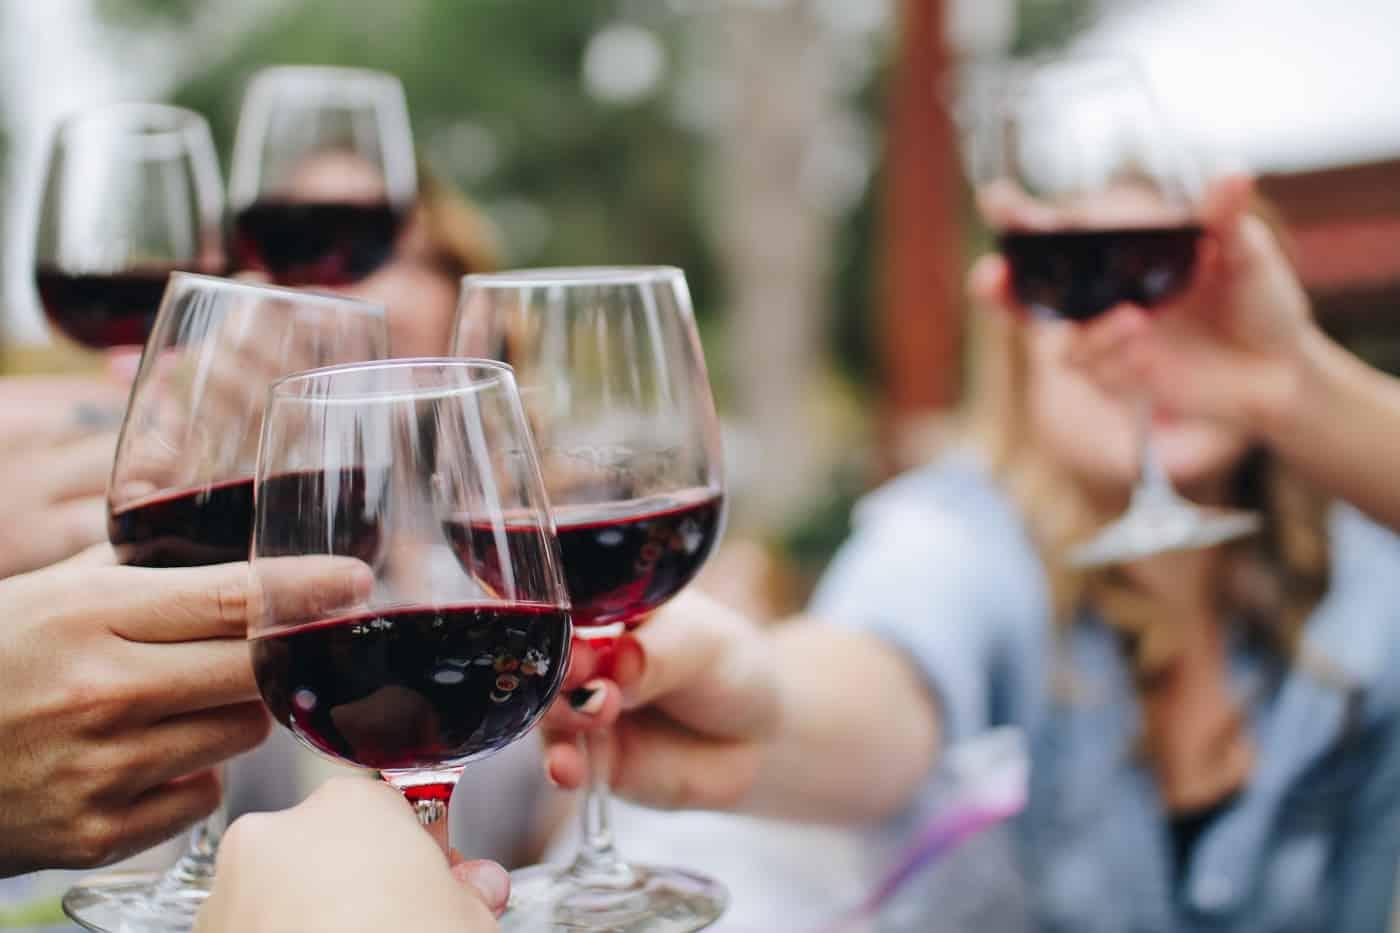 Rotweingläser: Test & Empfehlungen (03/20)